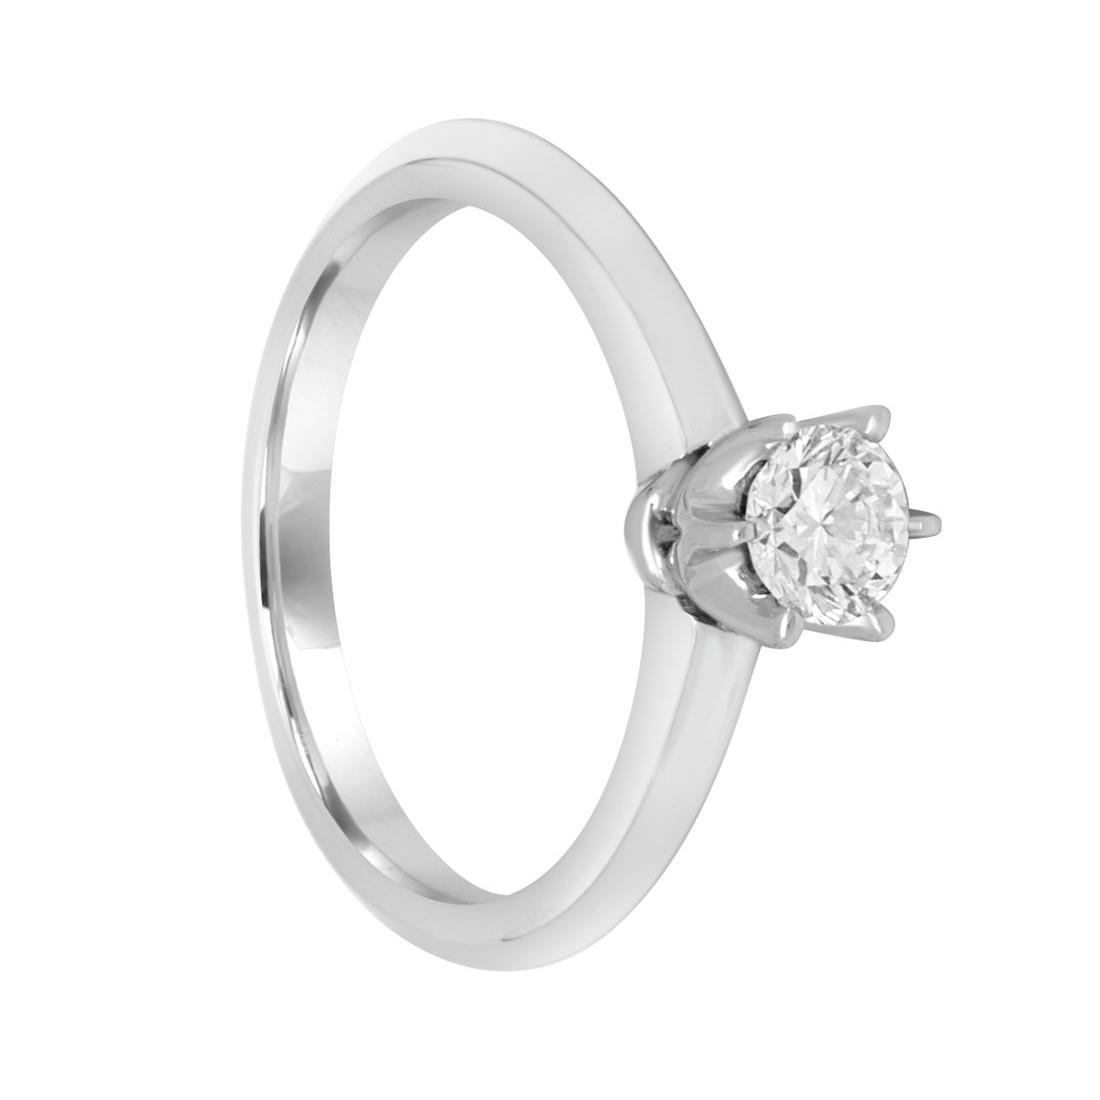 Anello solitario in oro bianco e diamanti ct. 0,52. Misura 13 - ALFIERI & ST.JOHN